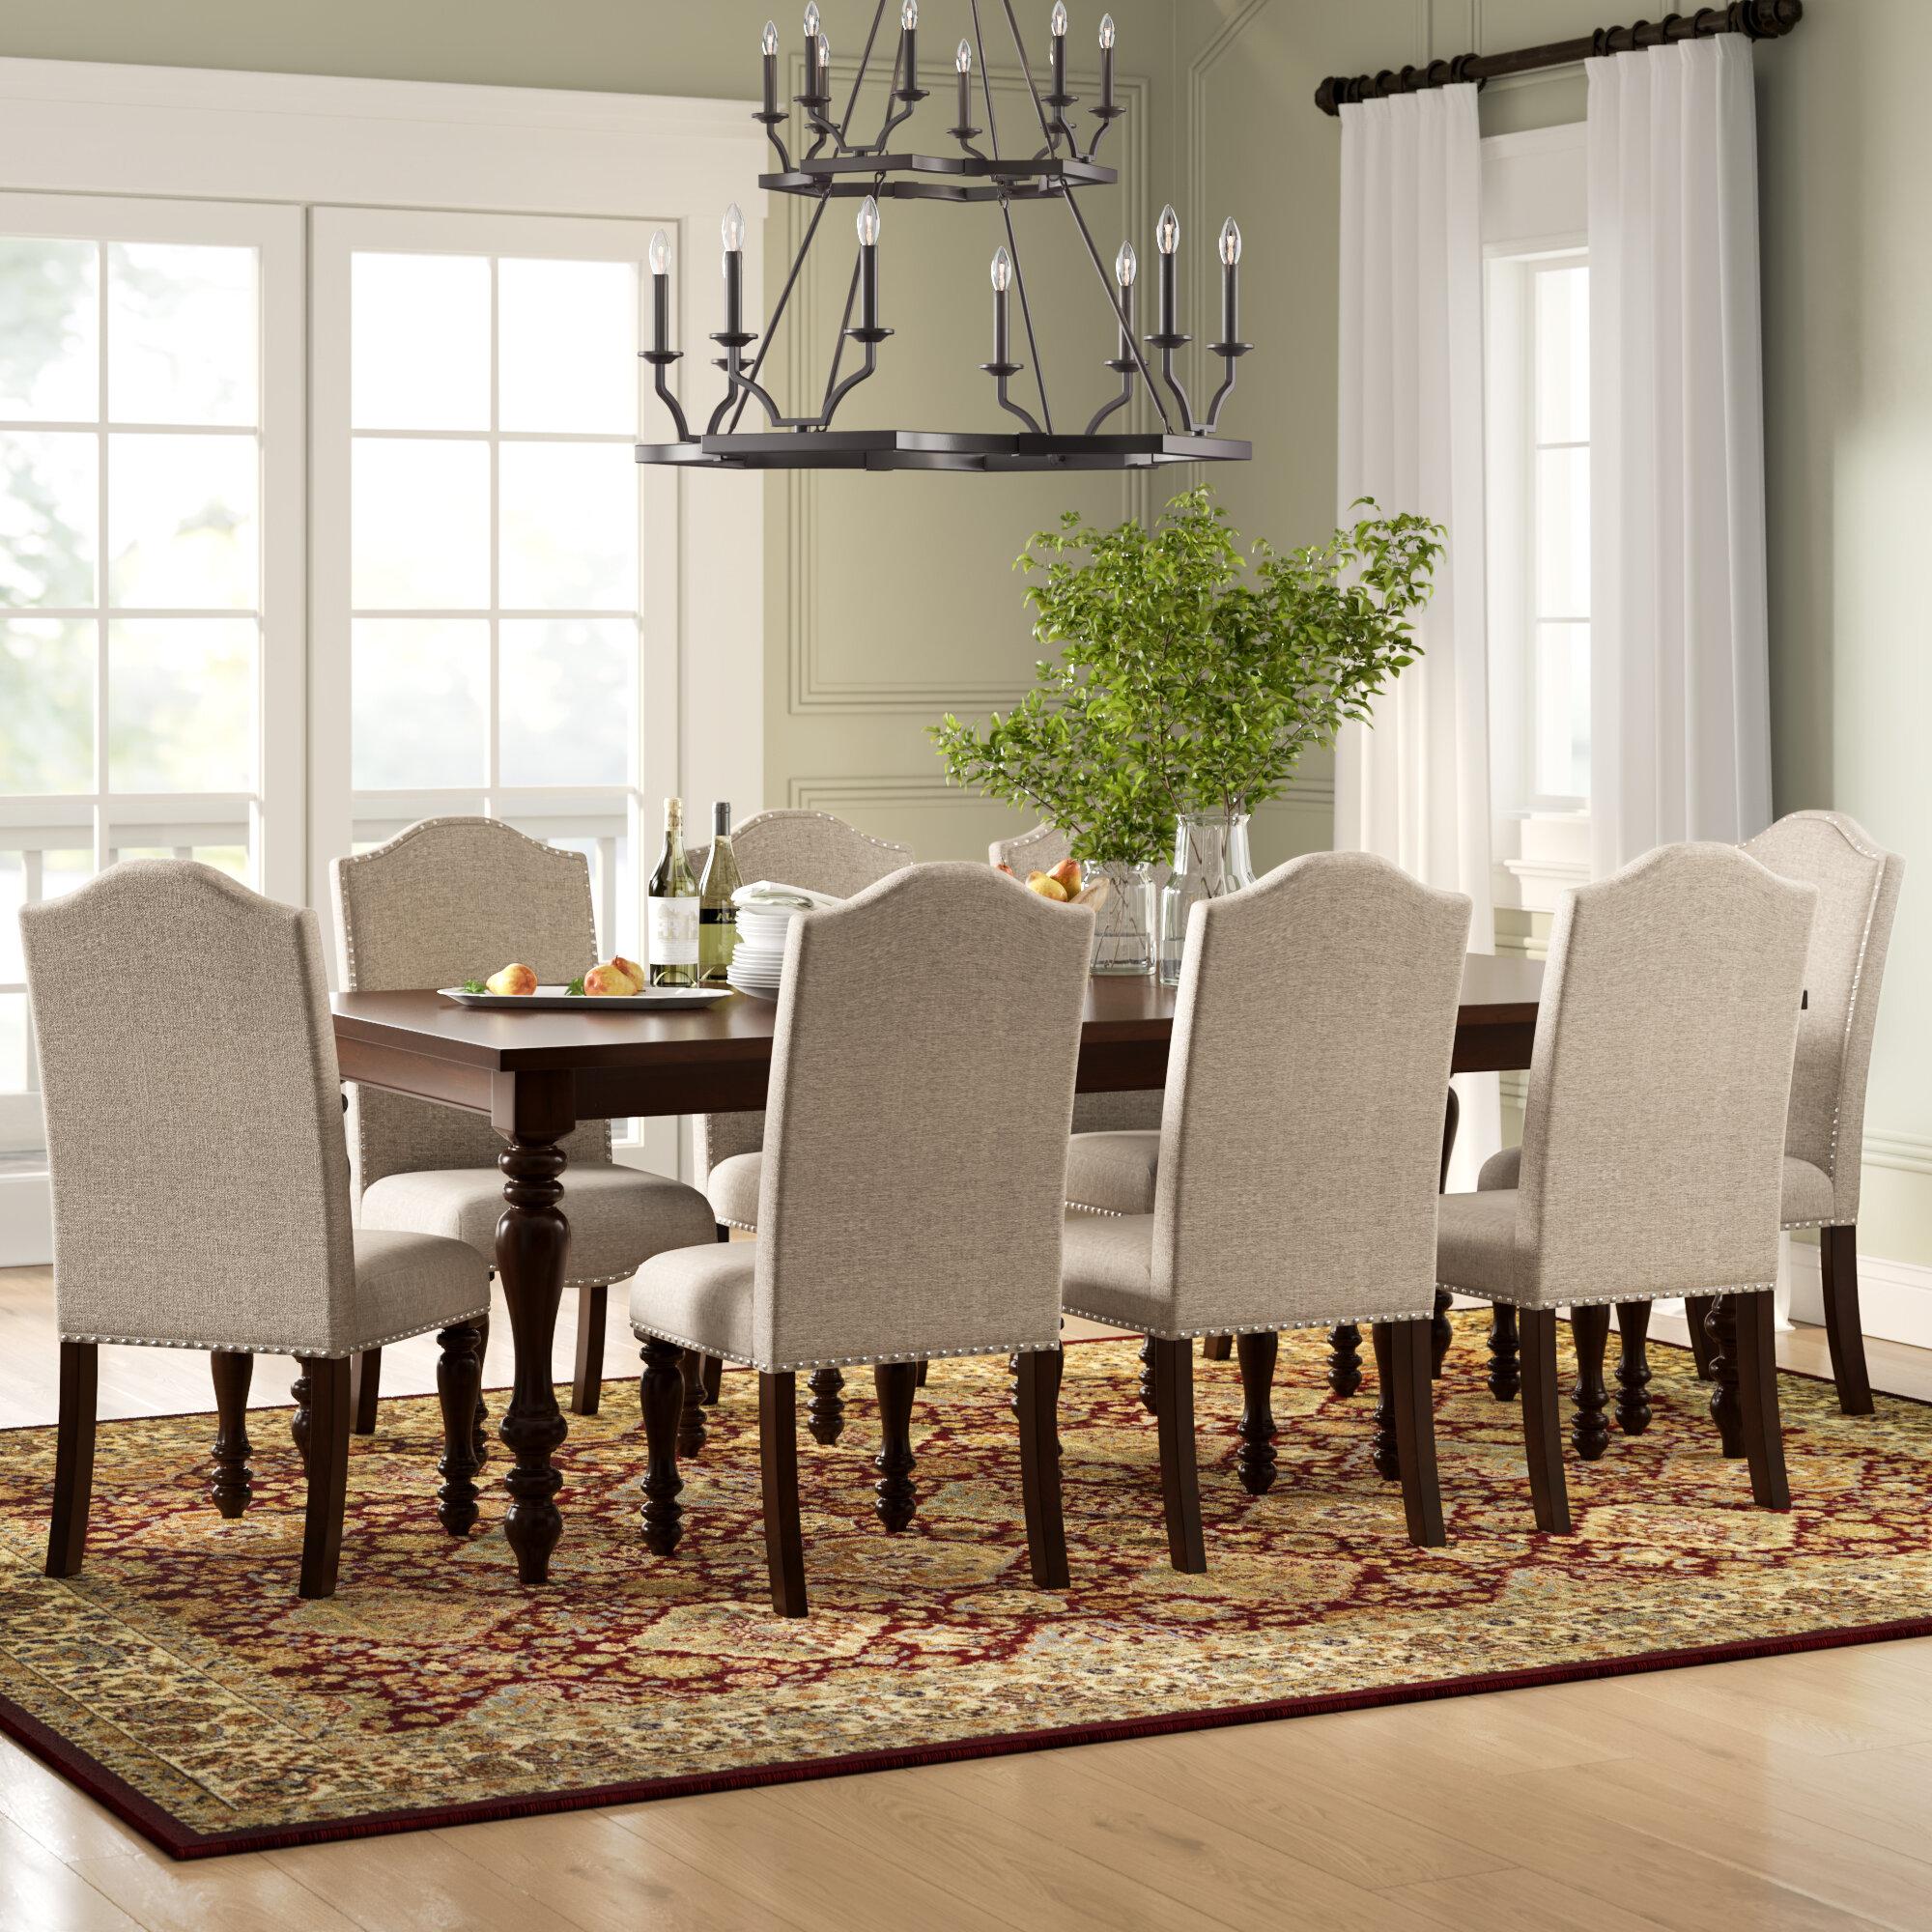 Darby Home Co Puccio 9 Piece Dining Set